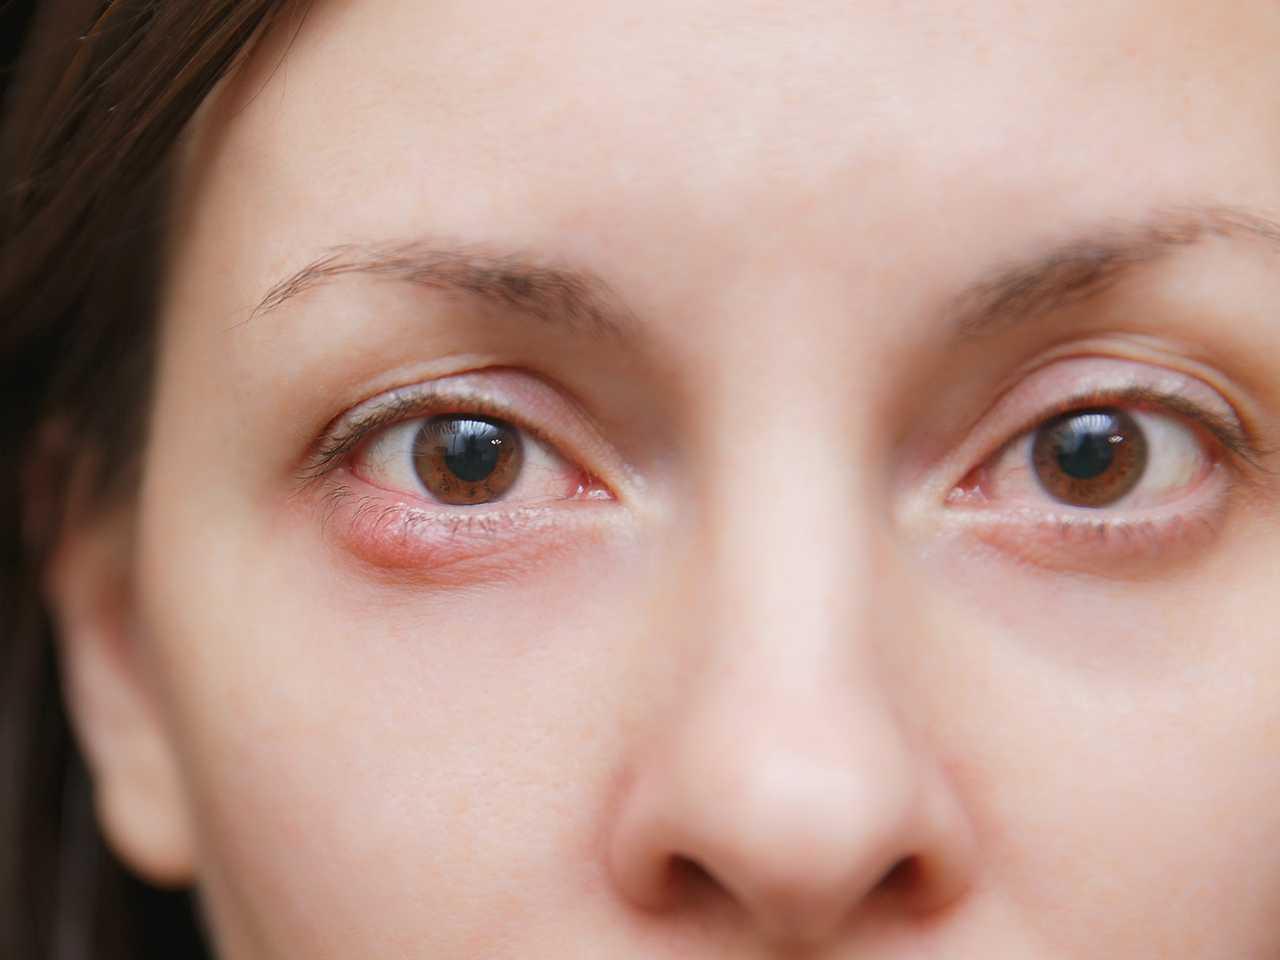 Сохнут глаза в линзах - что делать, какие осложнения могут возникнуть: ощущение песка в глазах, быстро устают глаза